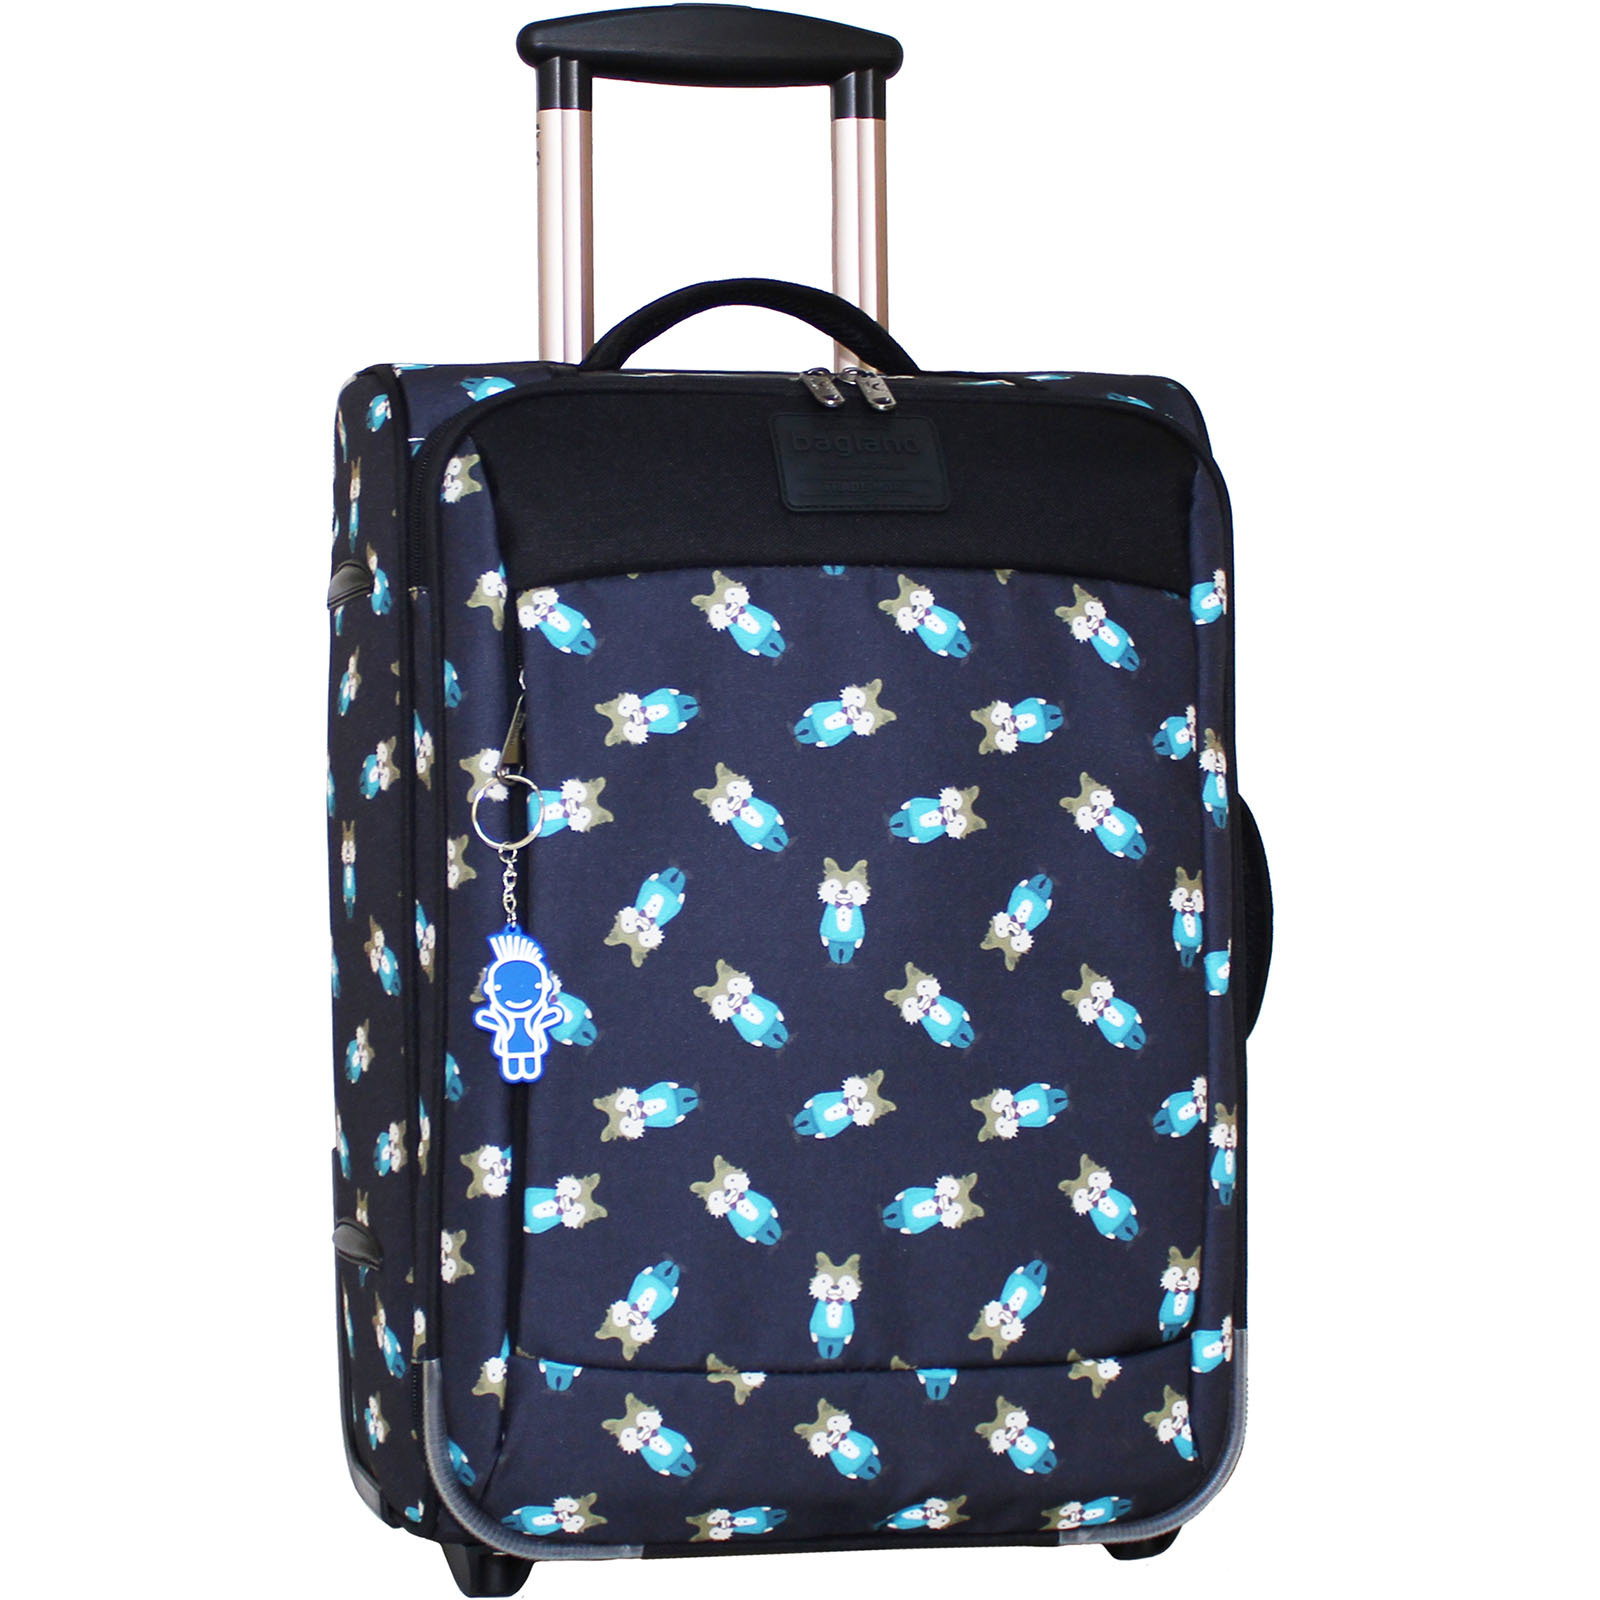 Дорожные чемоданы Чемодан Bagland Vichenzo 32 л. сублимация (бурундуки) (0037666194) IMG_6944.JPG